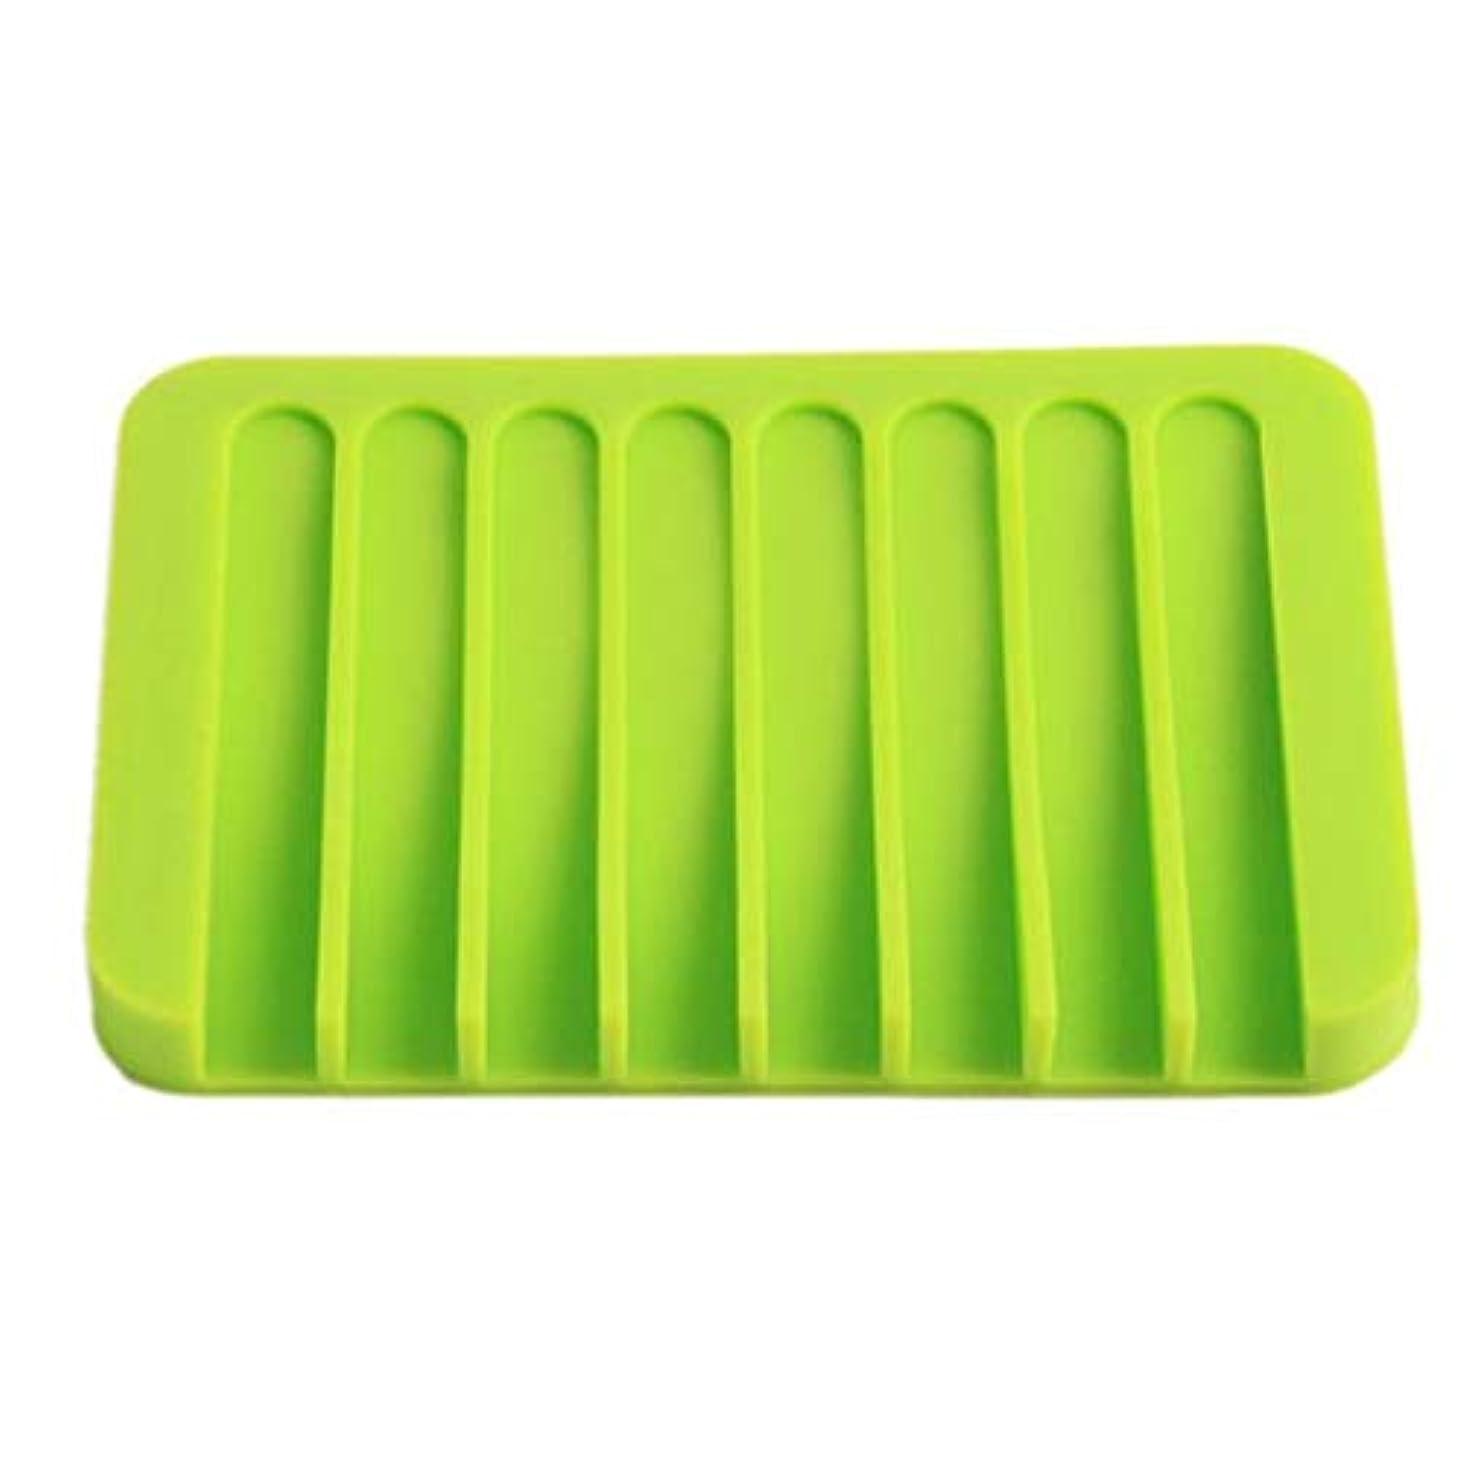 用心深い意味のある事業Onior プレミアム品質のシリコーン浴室柔軟な石鹸皿ソープホルダー収納ソープボックスプレートトレイ排水、グリーン